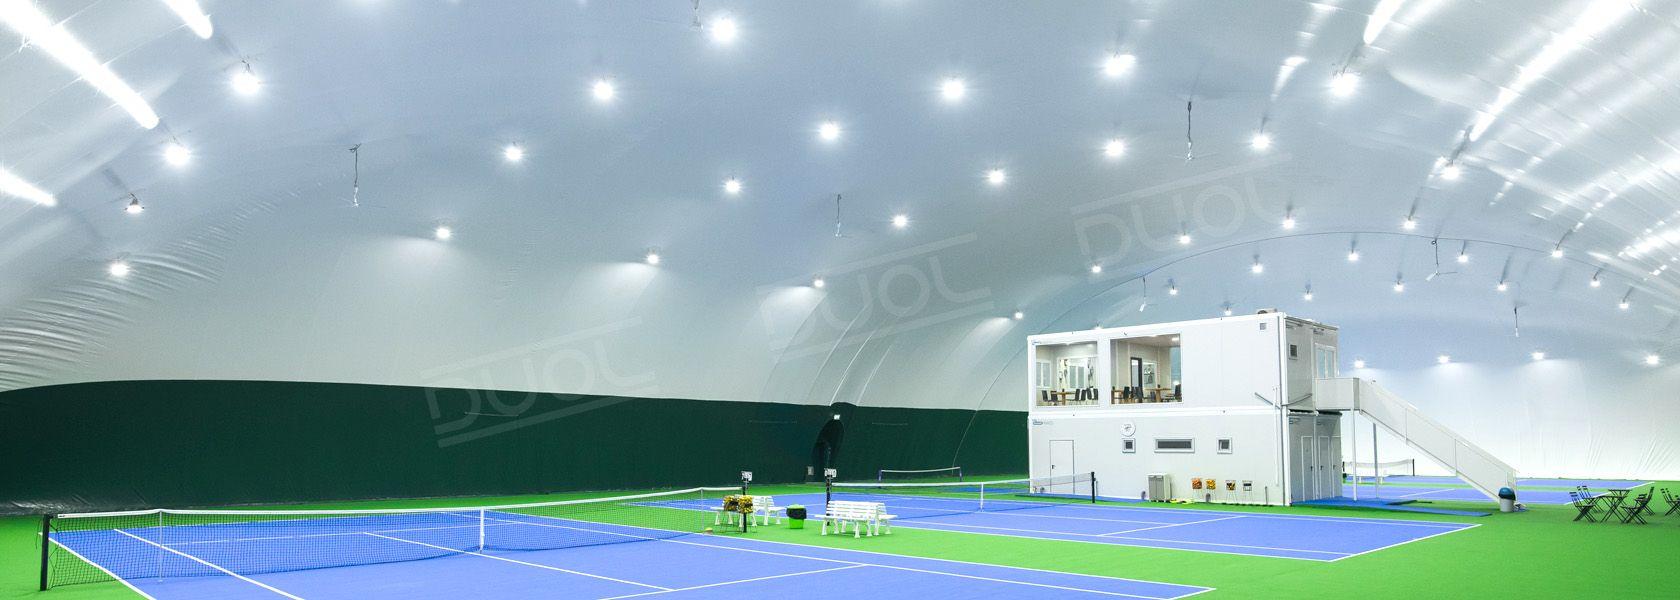 Traglufthallen für Tennis